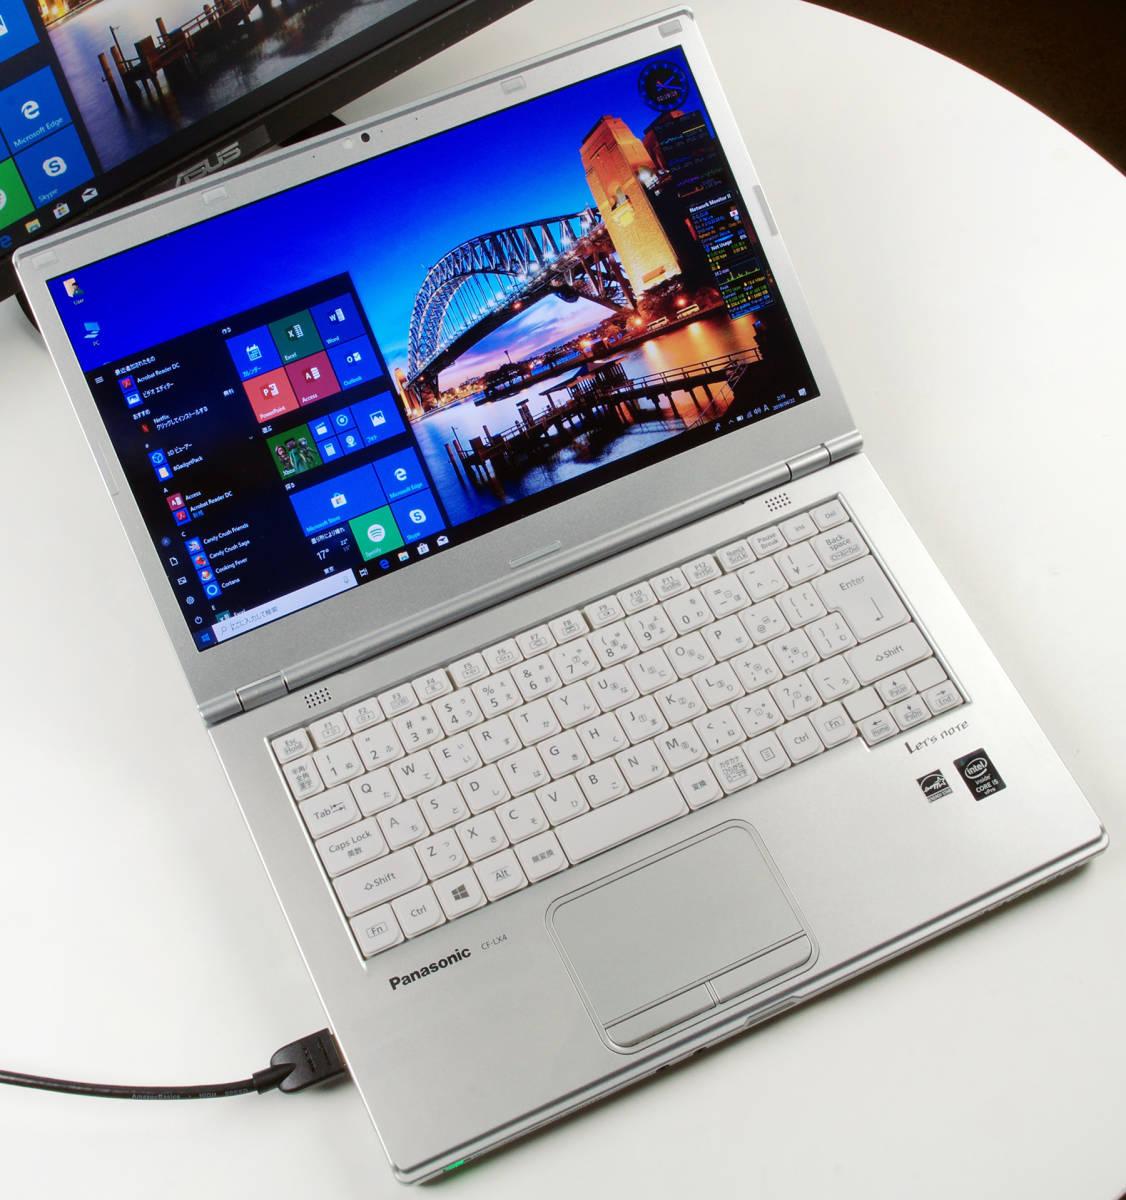 Let'sNote CF-LX4 Corei5(5300U) Mem8GB 新SSD480GB Webカメラ+無線LAN Win10Pro64bit Ver.1809 バッテリー良好